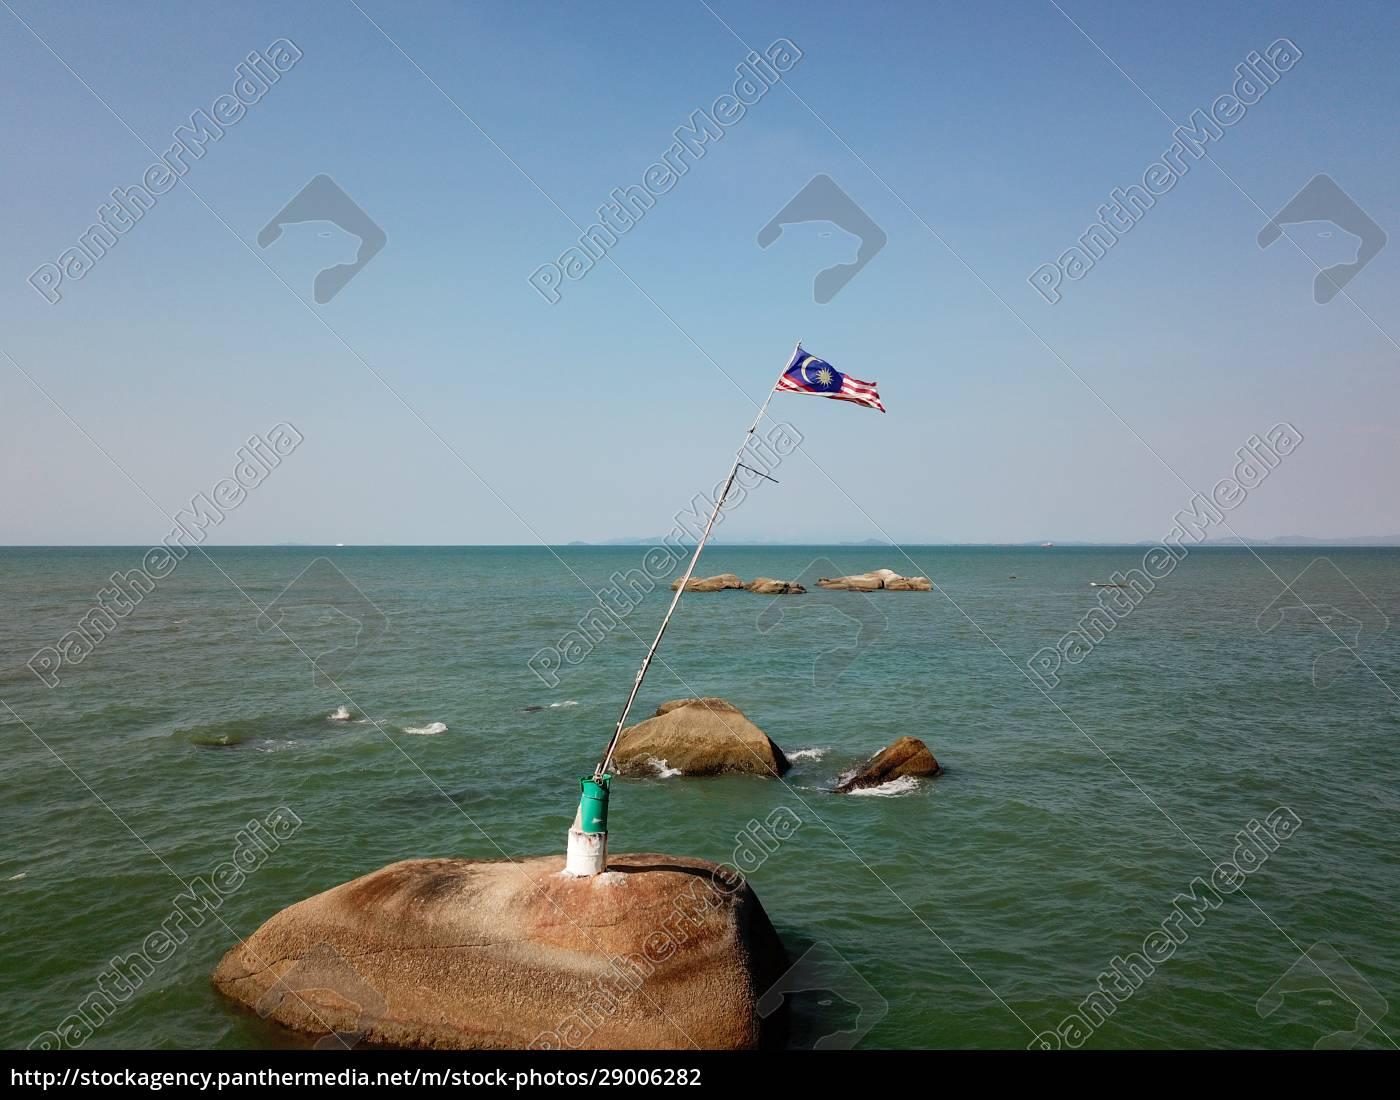 vista, aérea, bandeira, da, malásia, no - 29006282